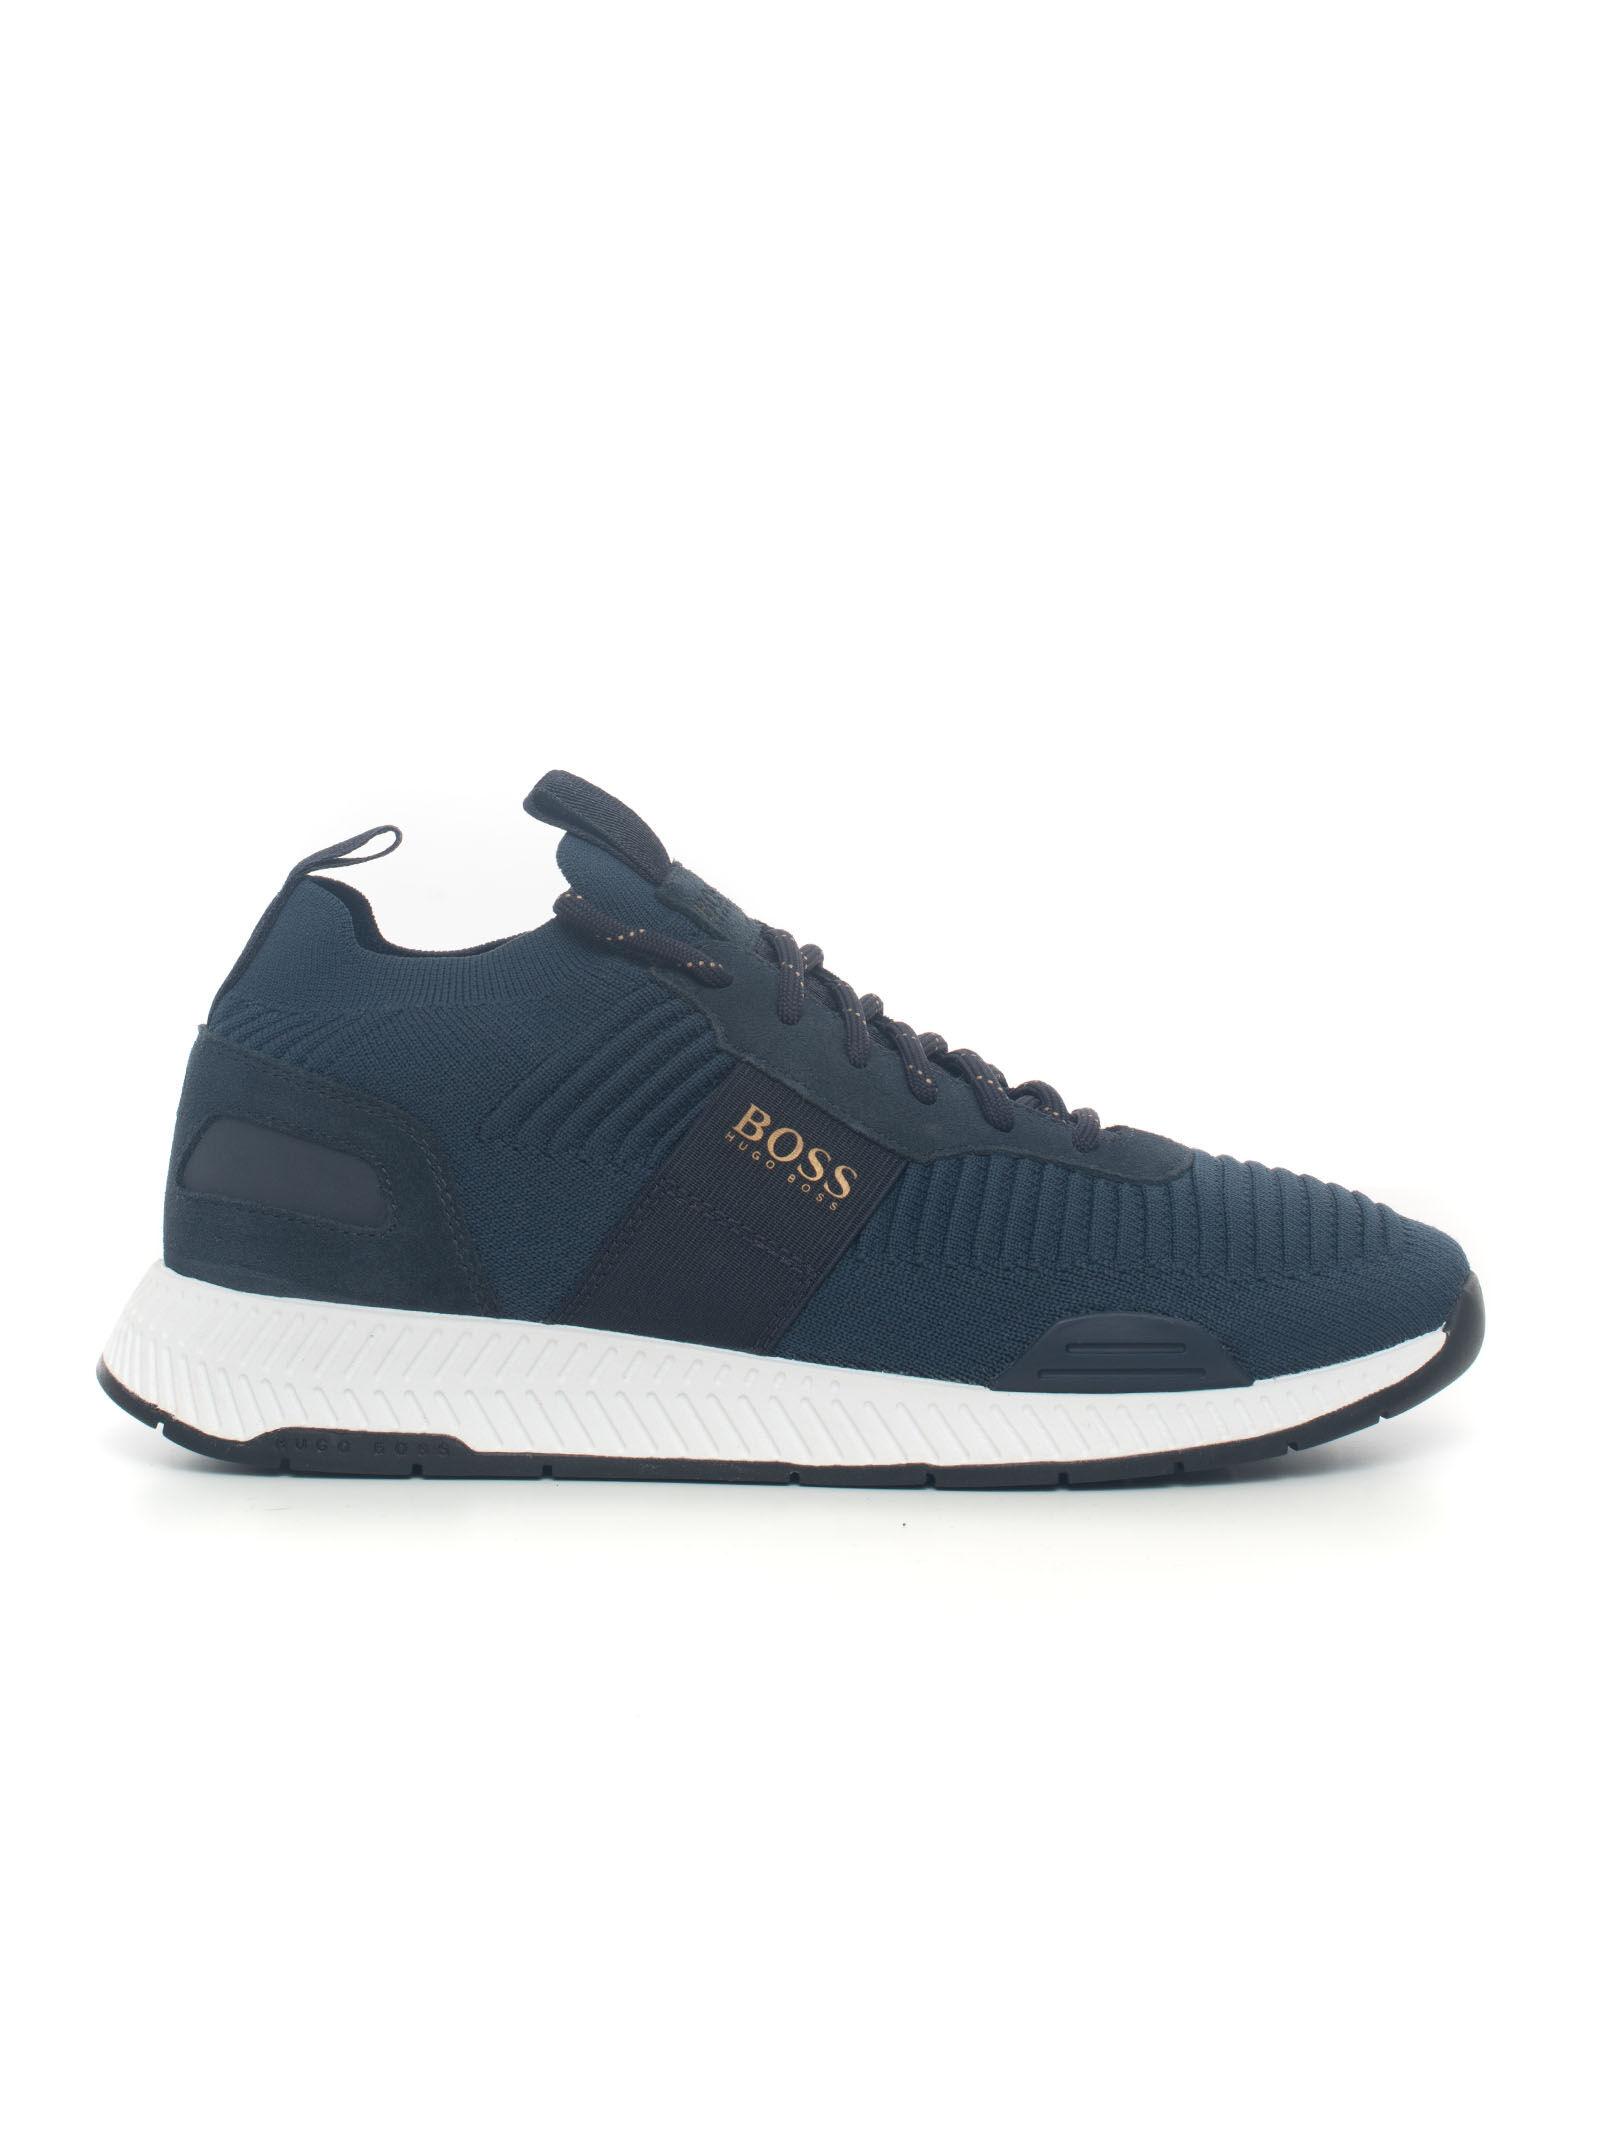 Boss Sneakers in tela Titanium Runn Blu Tela Uomo